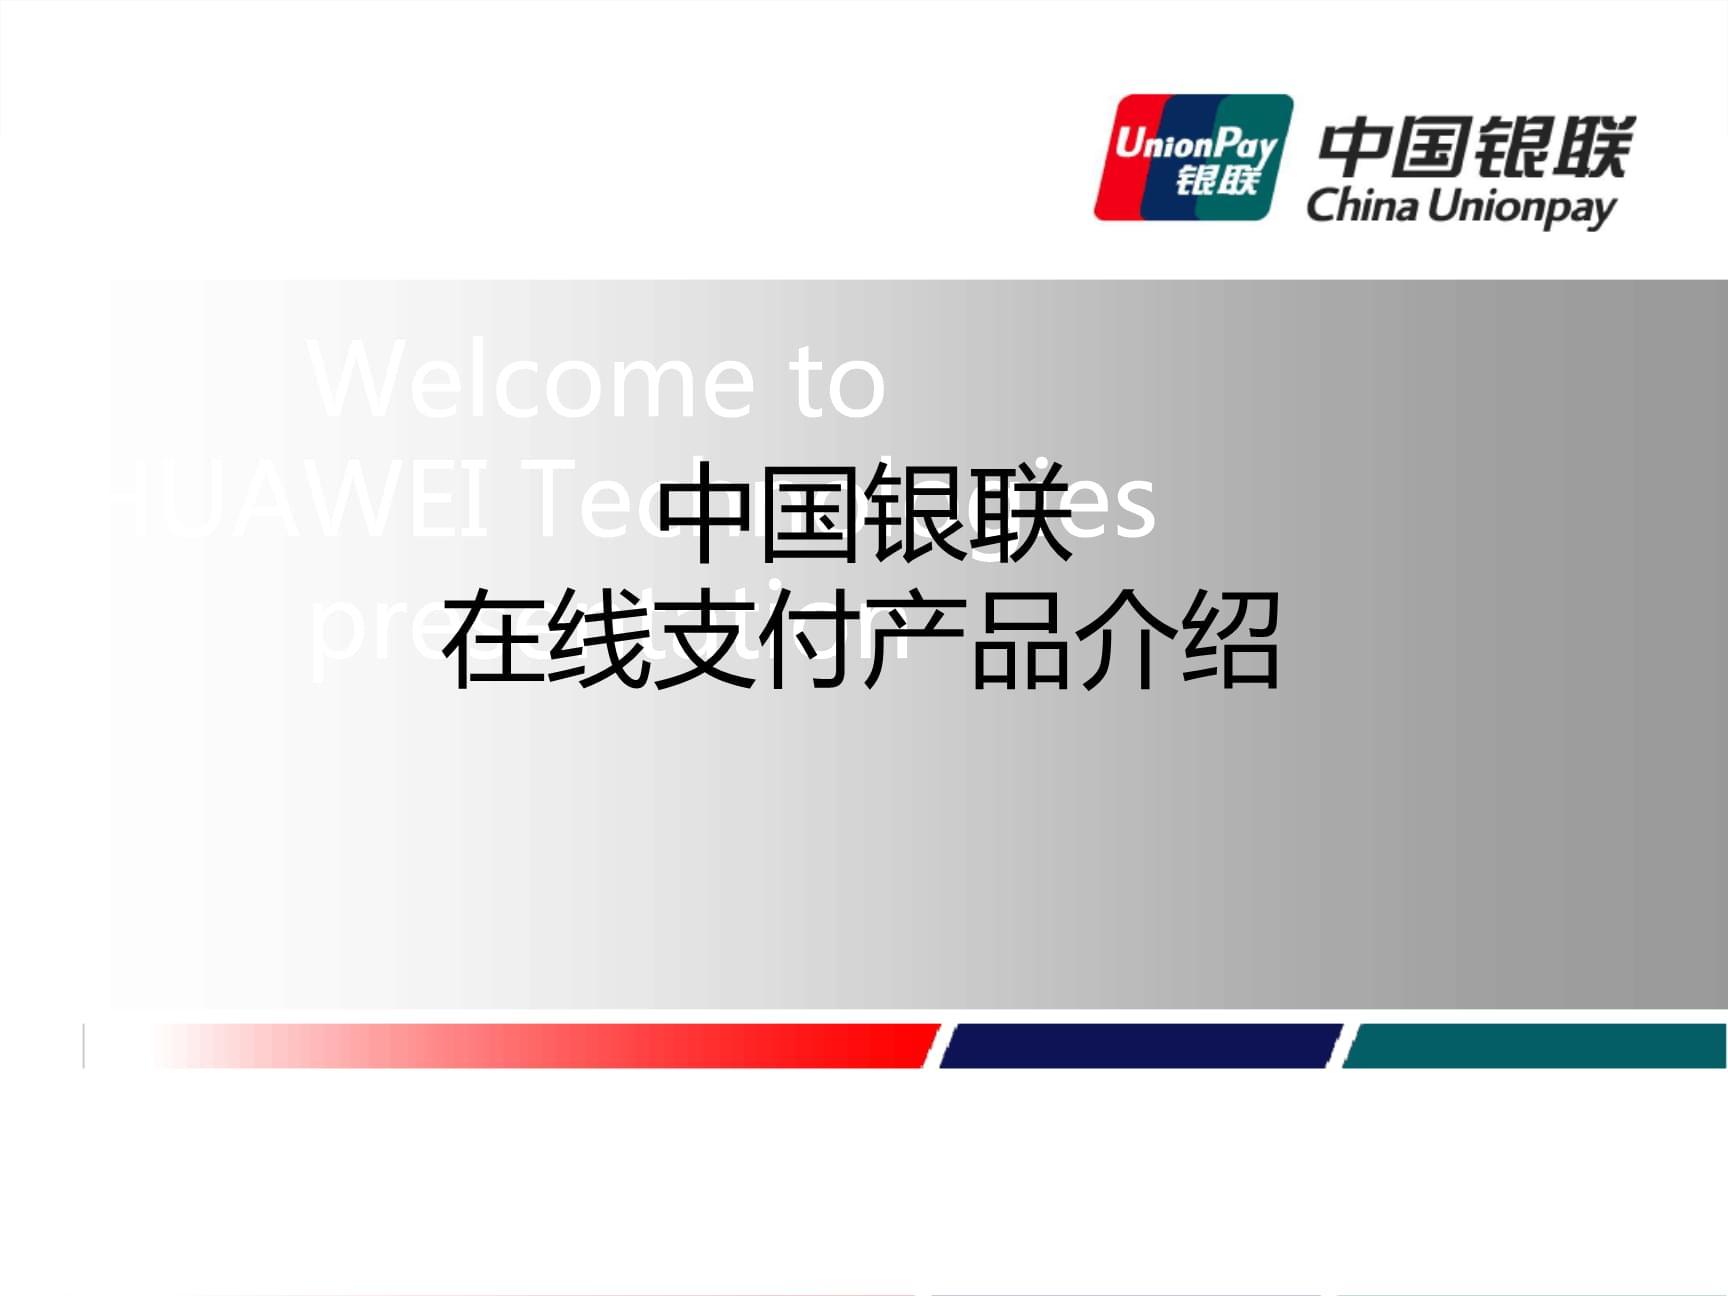 中国银联在线支付产品介绍.ppt